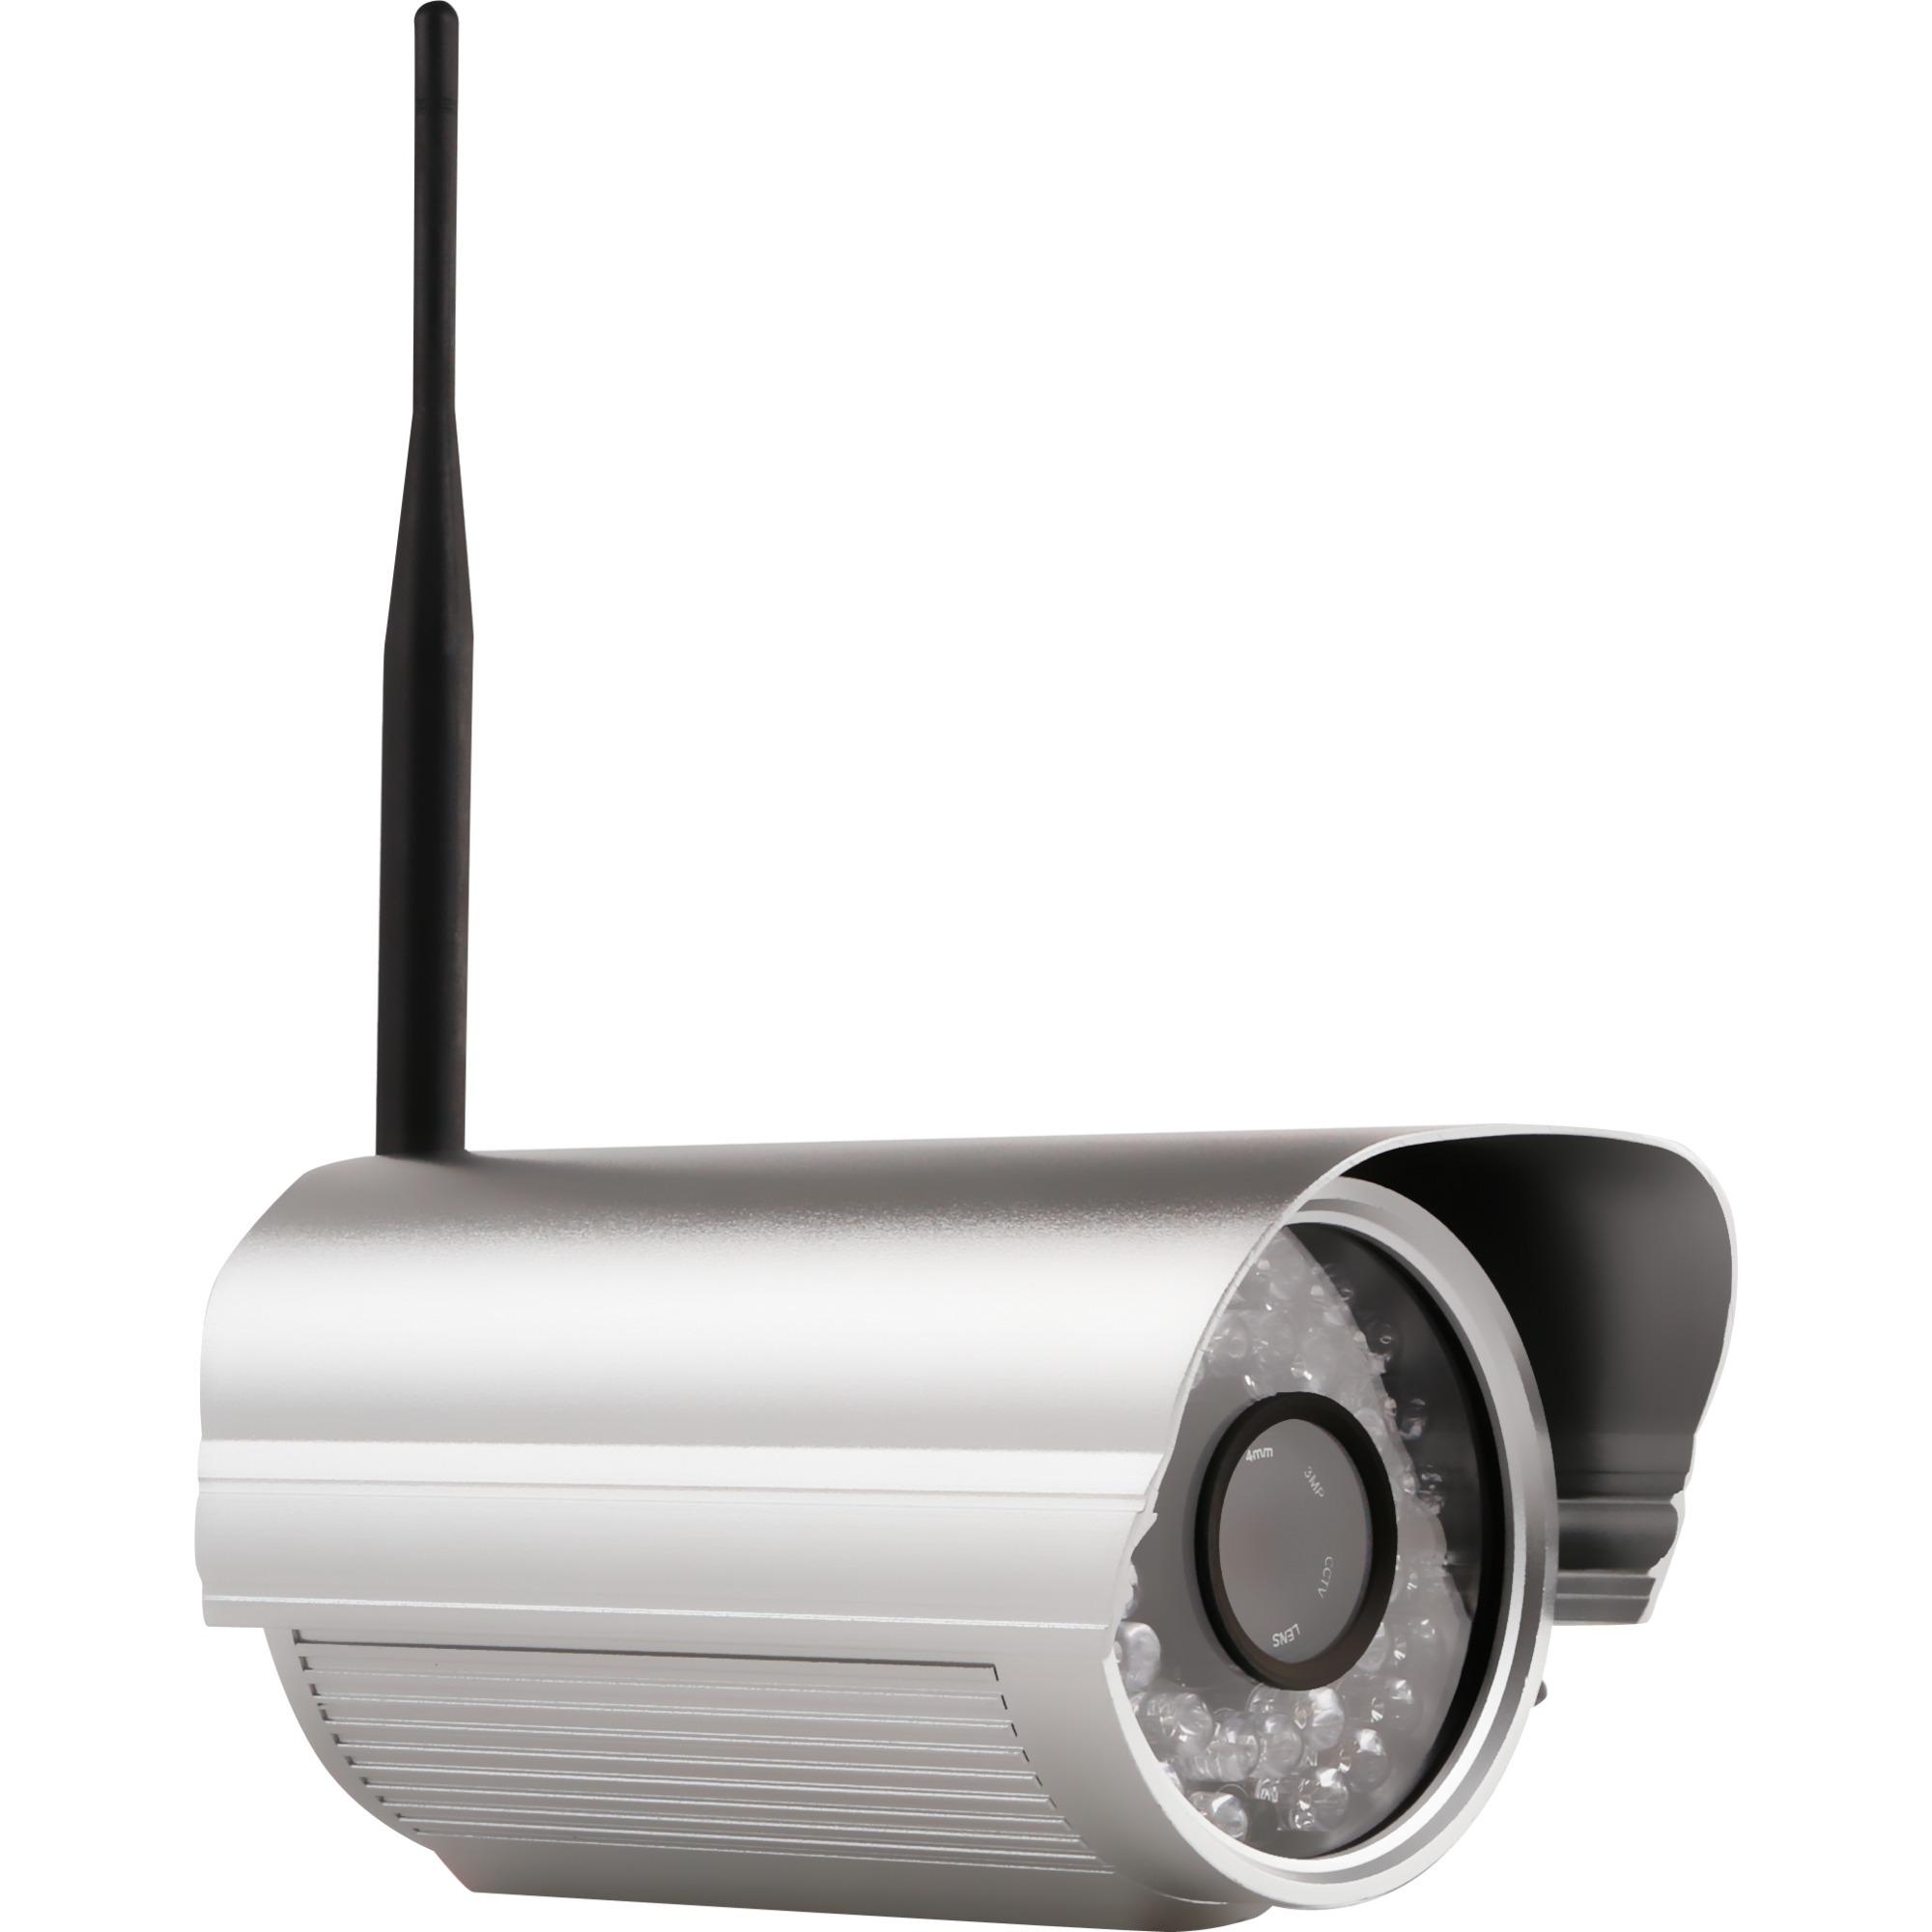 FI9805W IP security camera Extérieur Cosse Argent caméra de sécurité, Caméra réseau